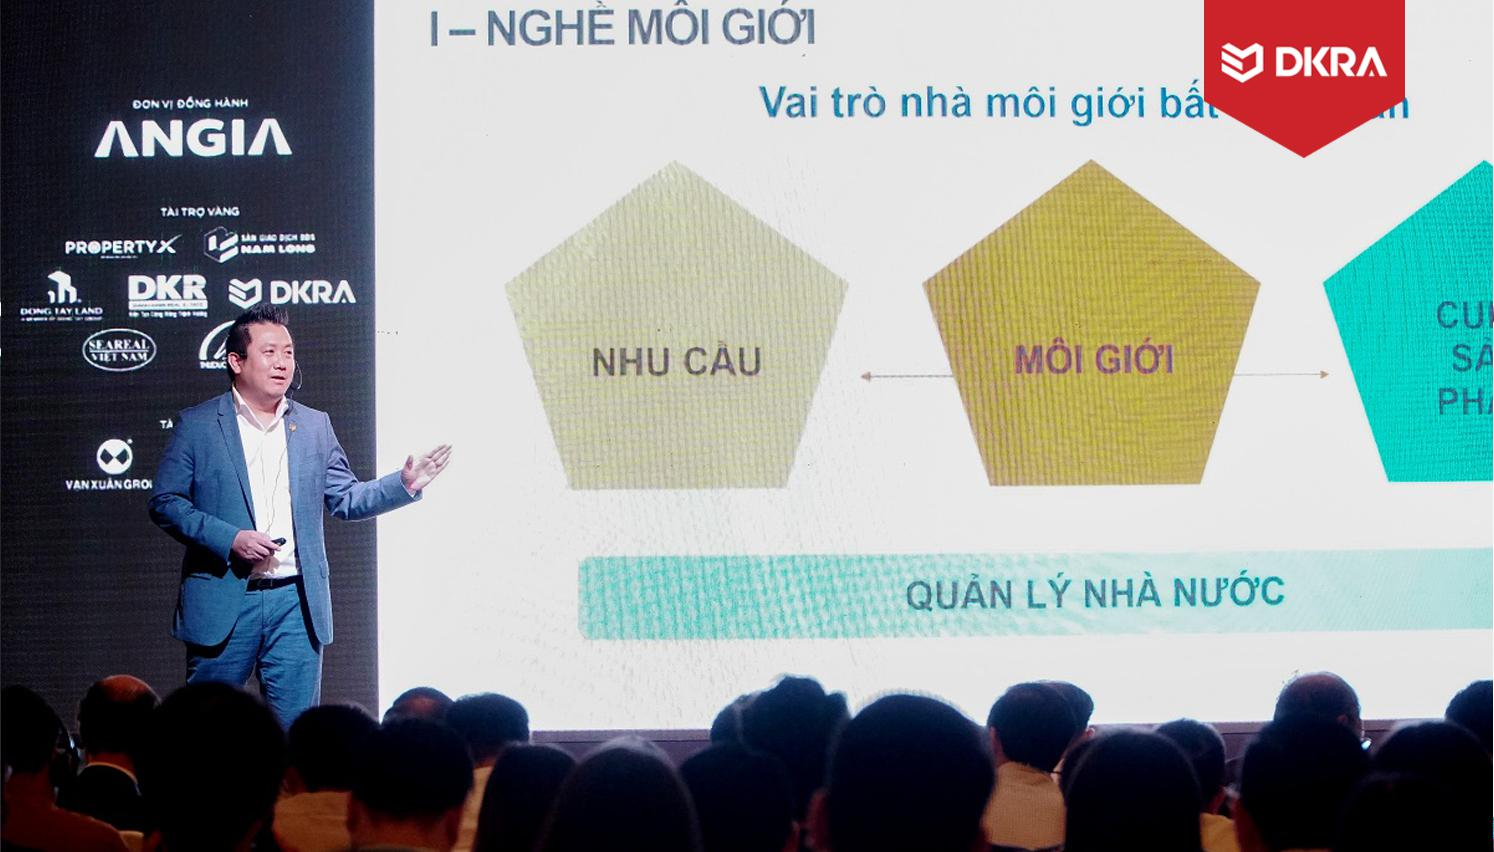 CEO DKRA VIETNAM ĐẨY MẠNH CHUYÊN NGHIỆP HÓA NGHỀ MÔI GIỚI BĐS